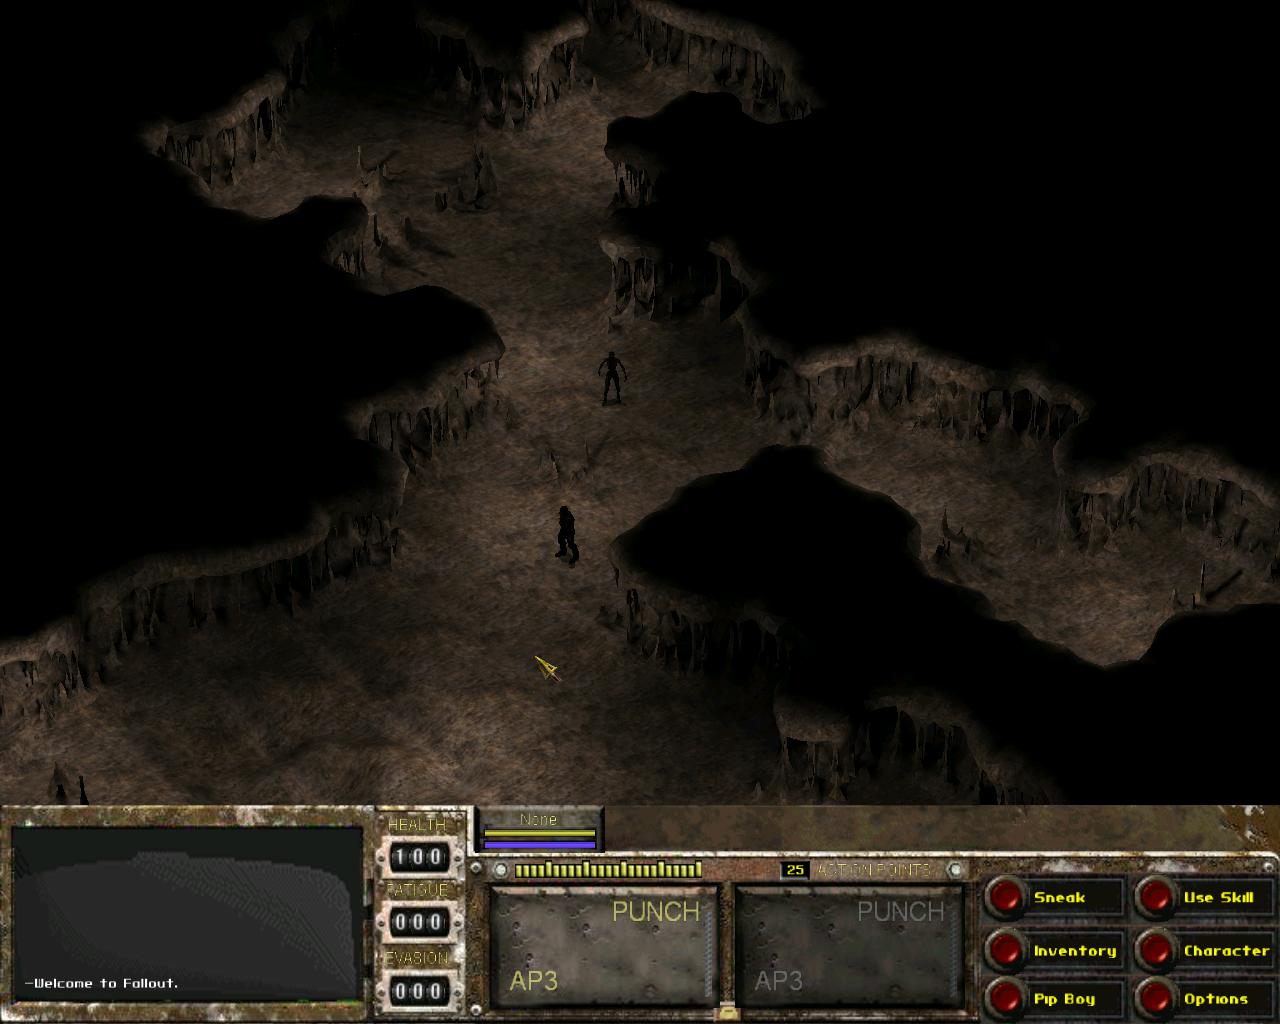 Van Buren Cave 1